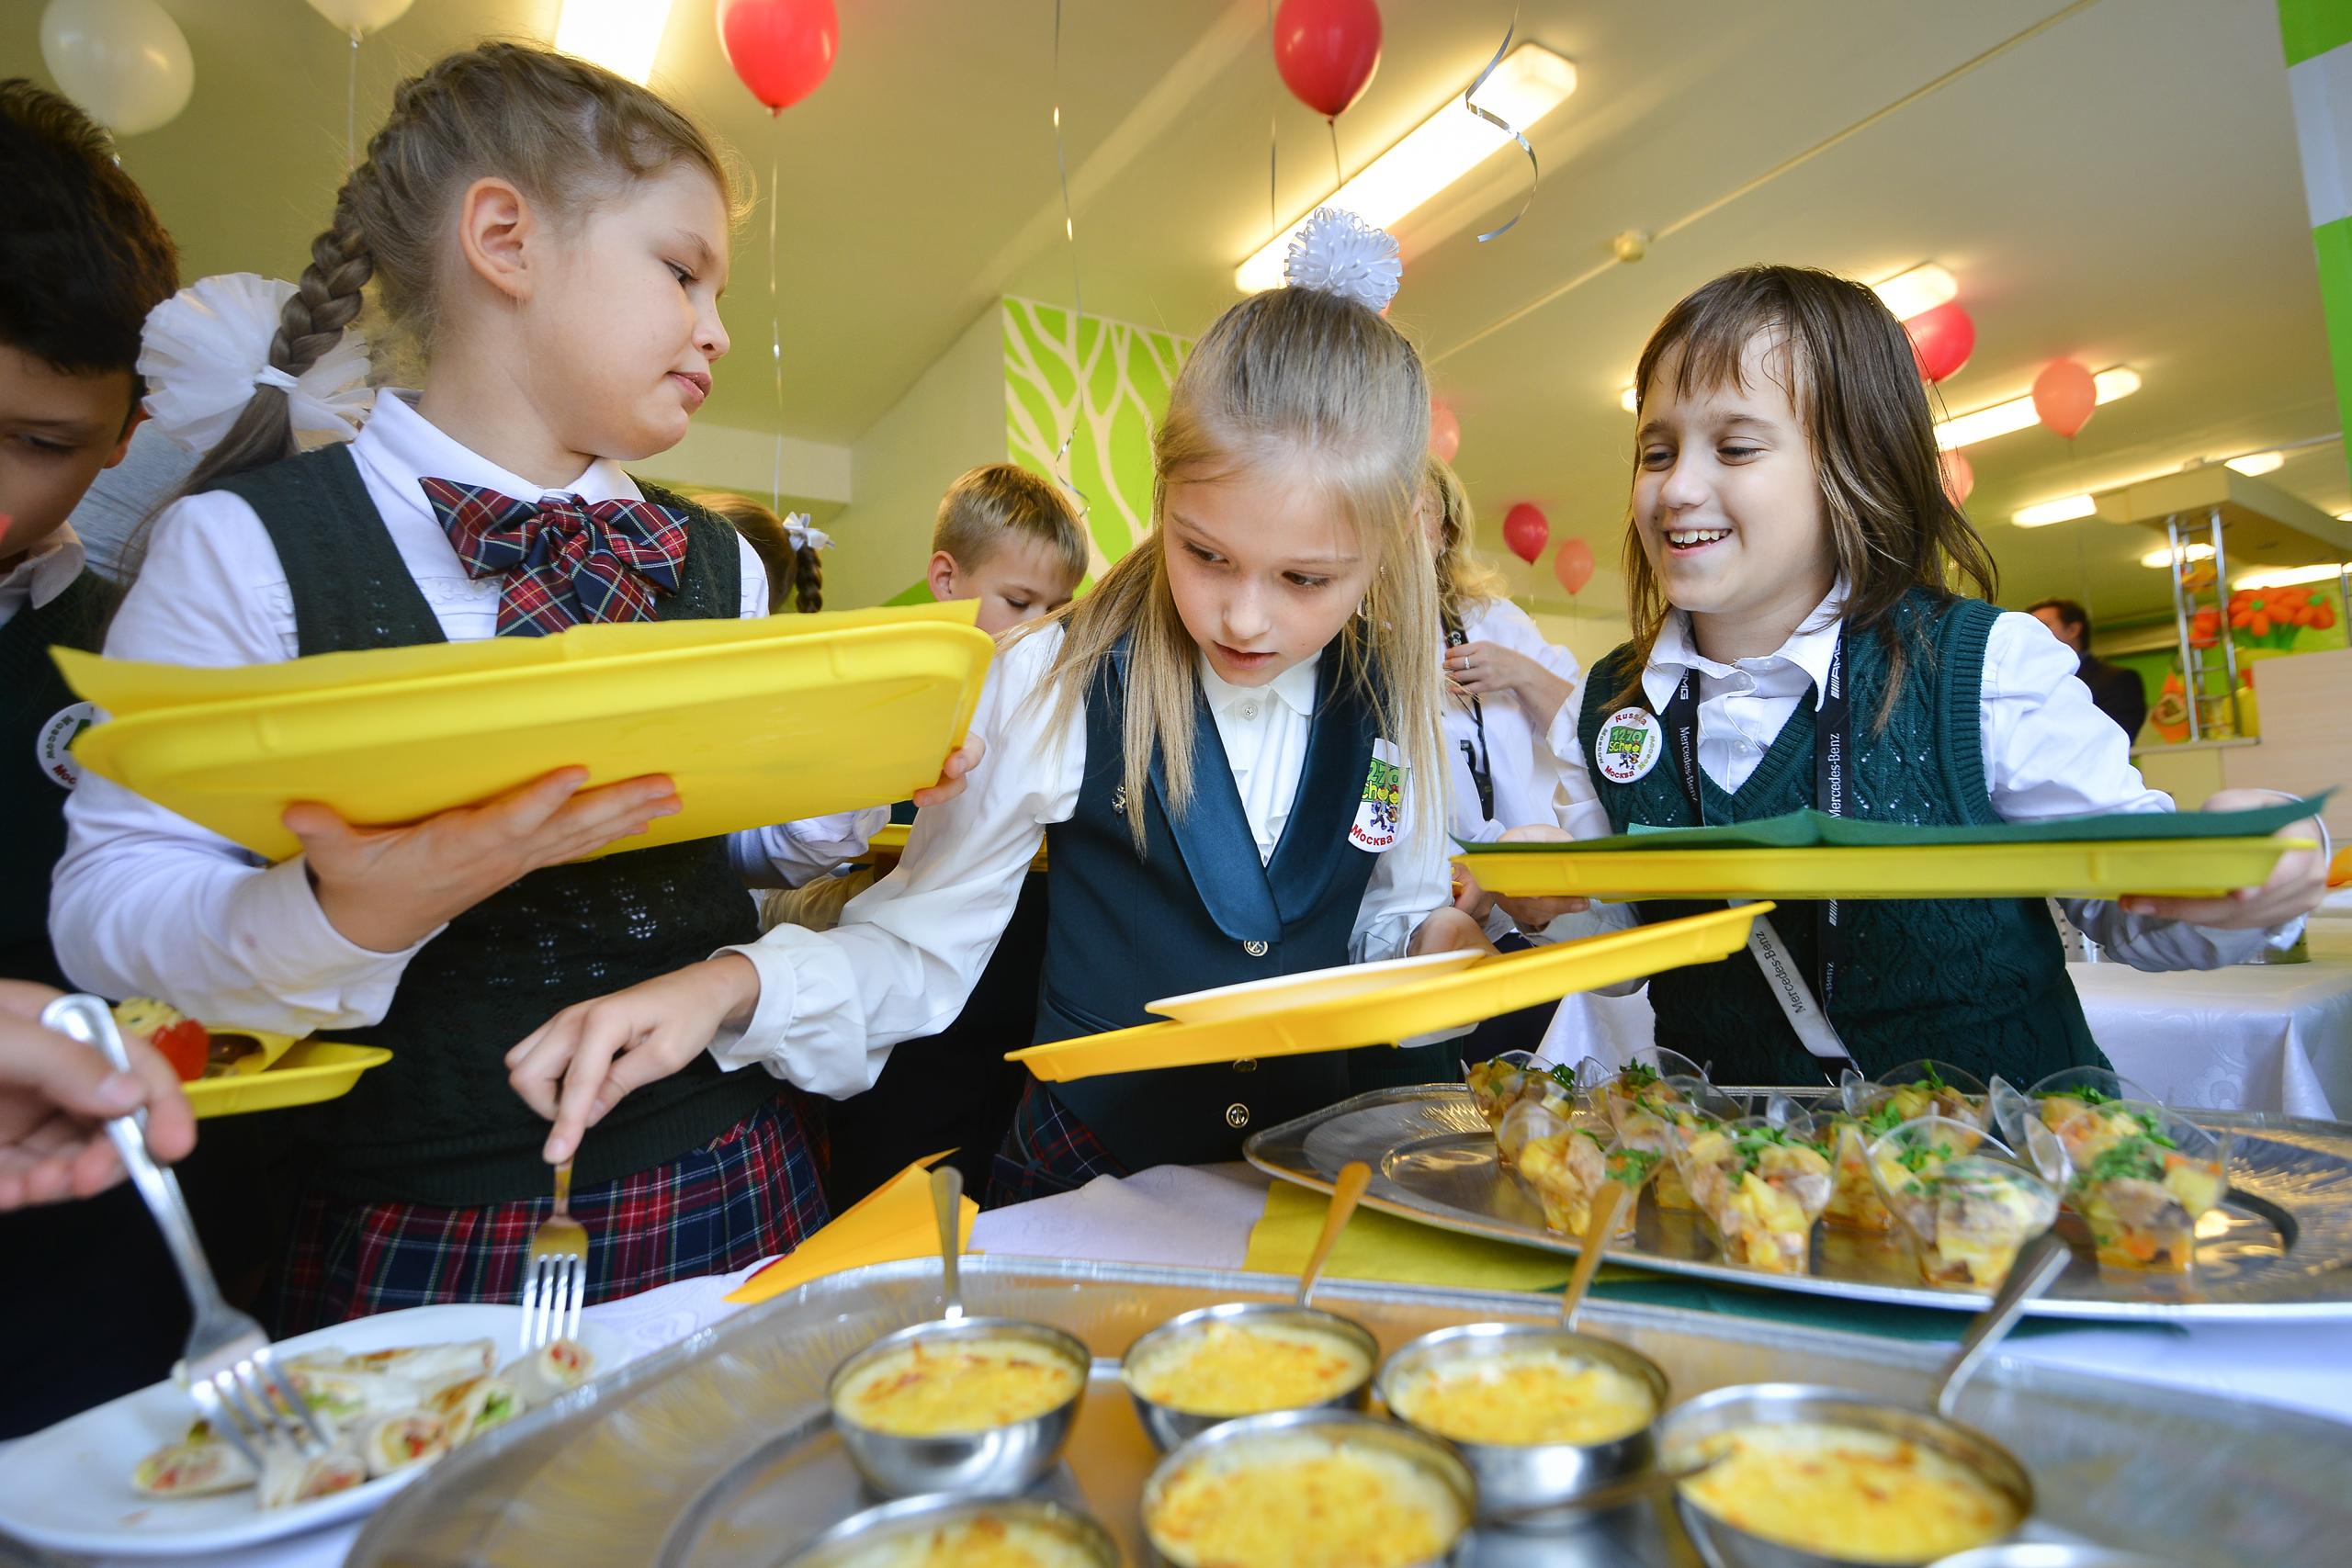 Дієтична їжа та заборона снеків: в Україні набув чинності санітарний регламент для шкіл